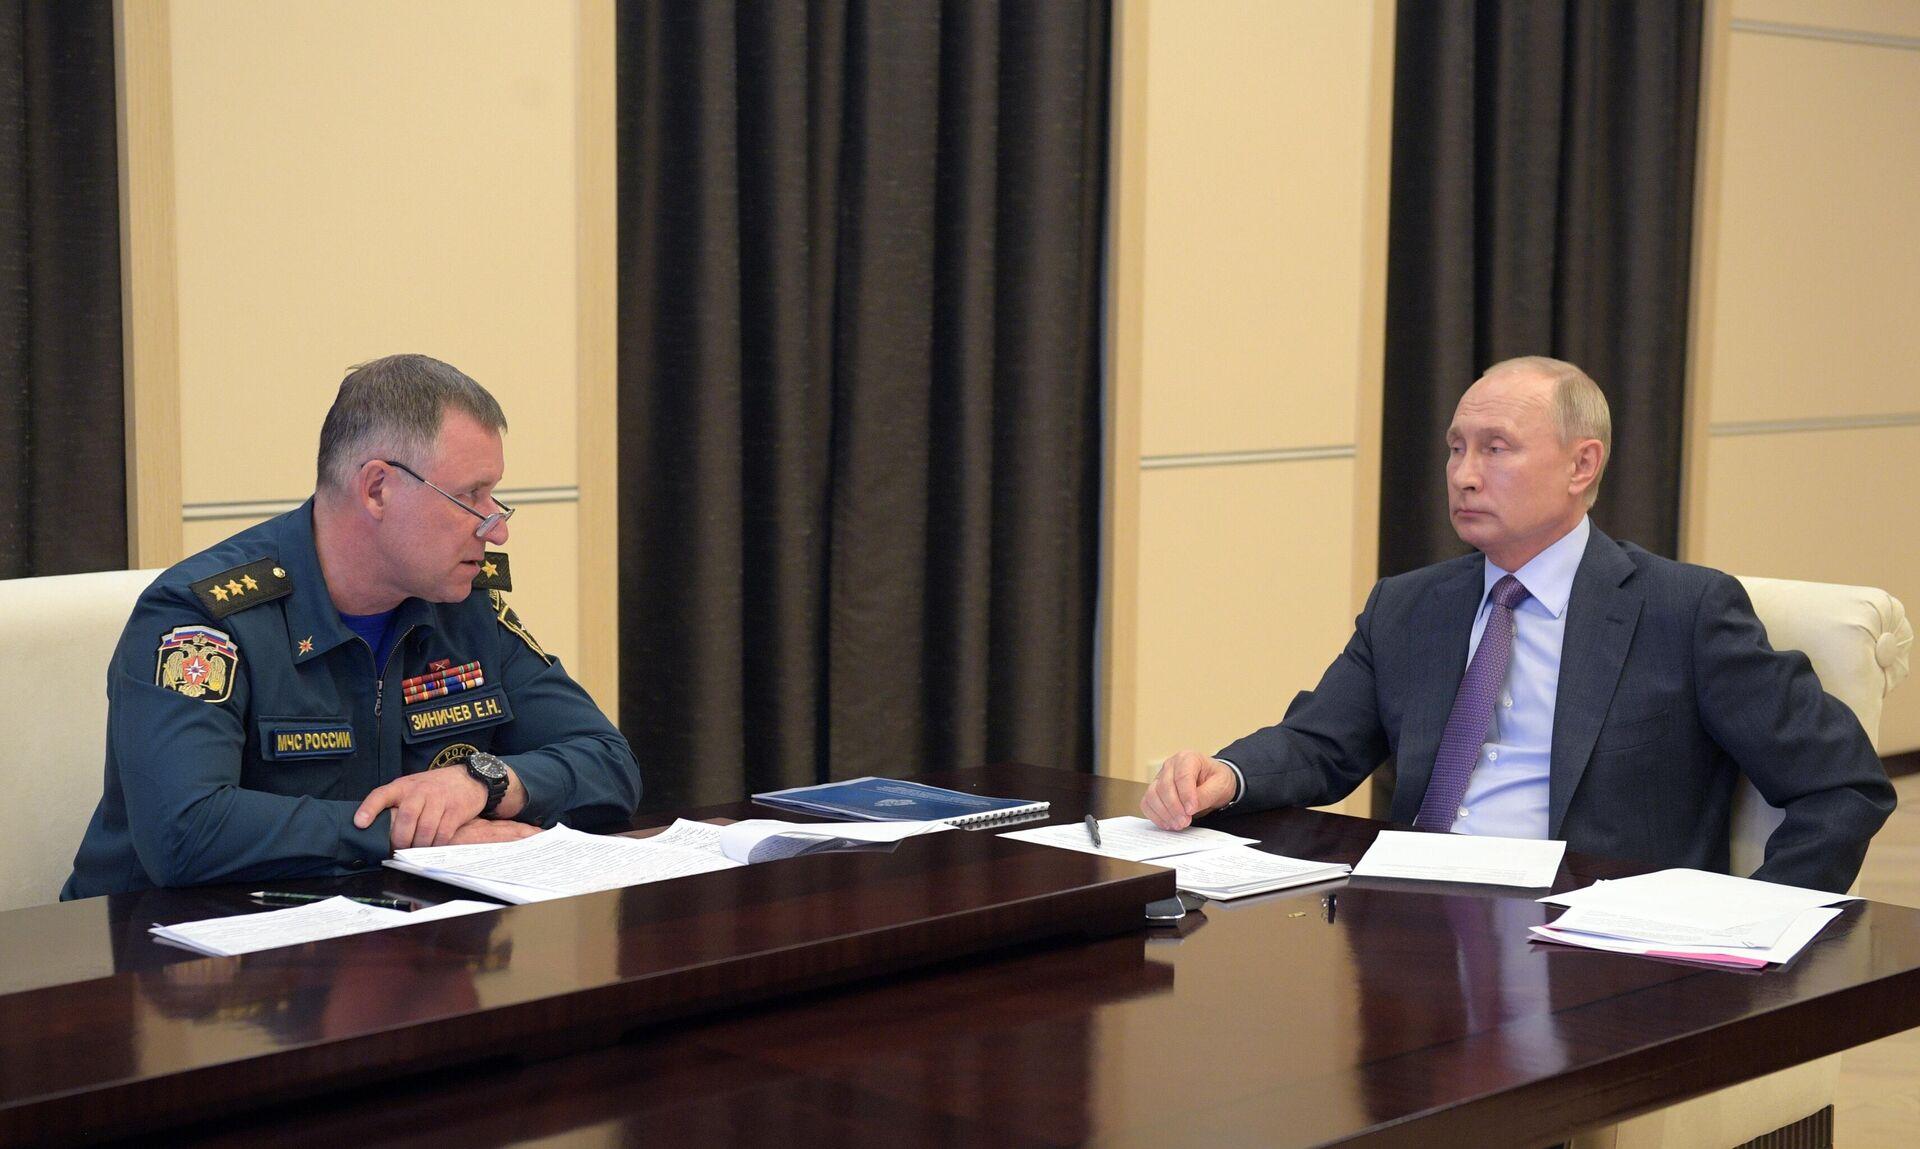 El ministro de Situaciones de Emergencia de Rusia, Evgueni Zínichev, junto al presidente Vladímir Putin - Sputnik Mundo, 1920, 08.09.2021